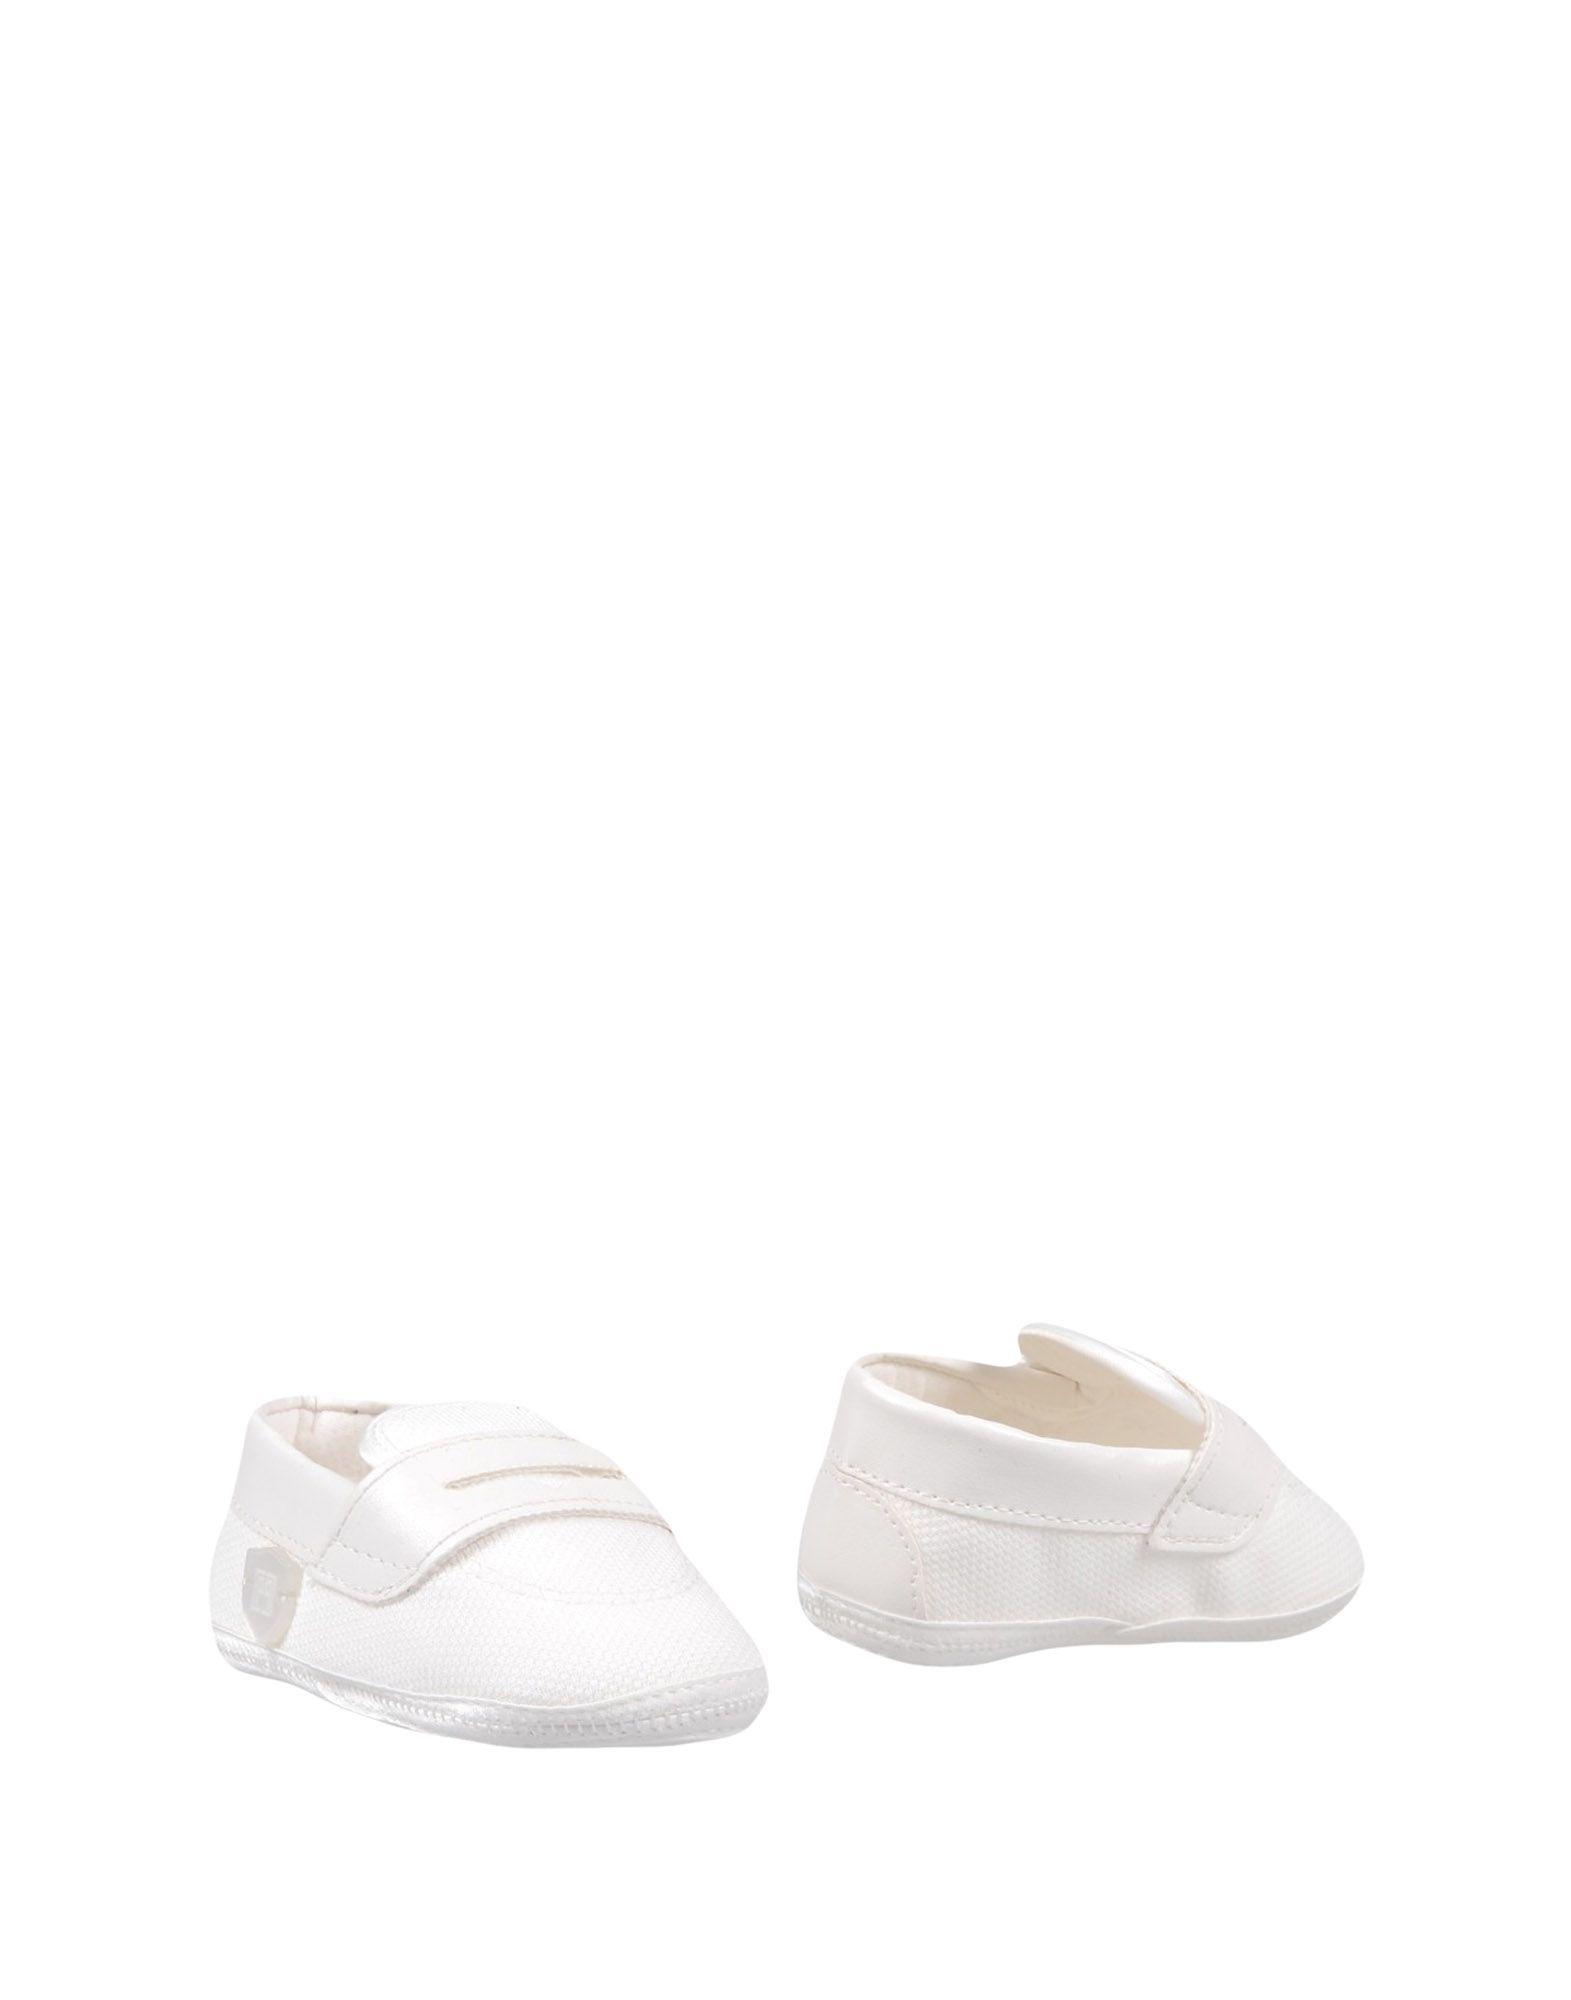 CARLO PIGNATELLI Обувь для новорожденных цены онлайн